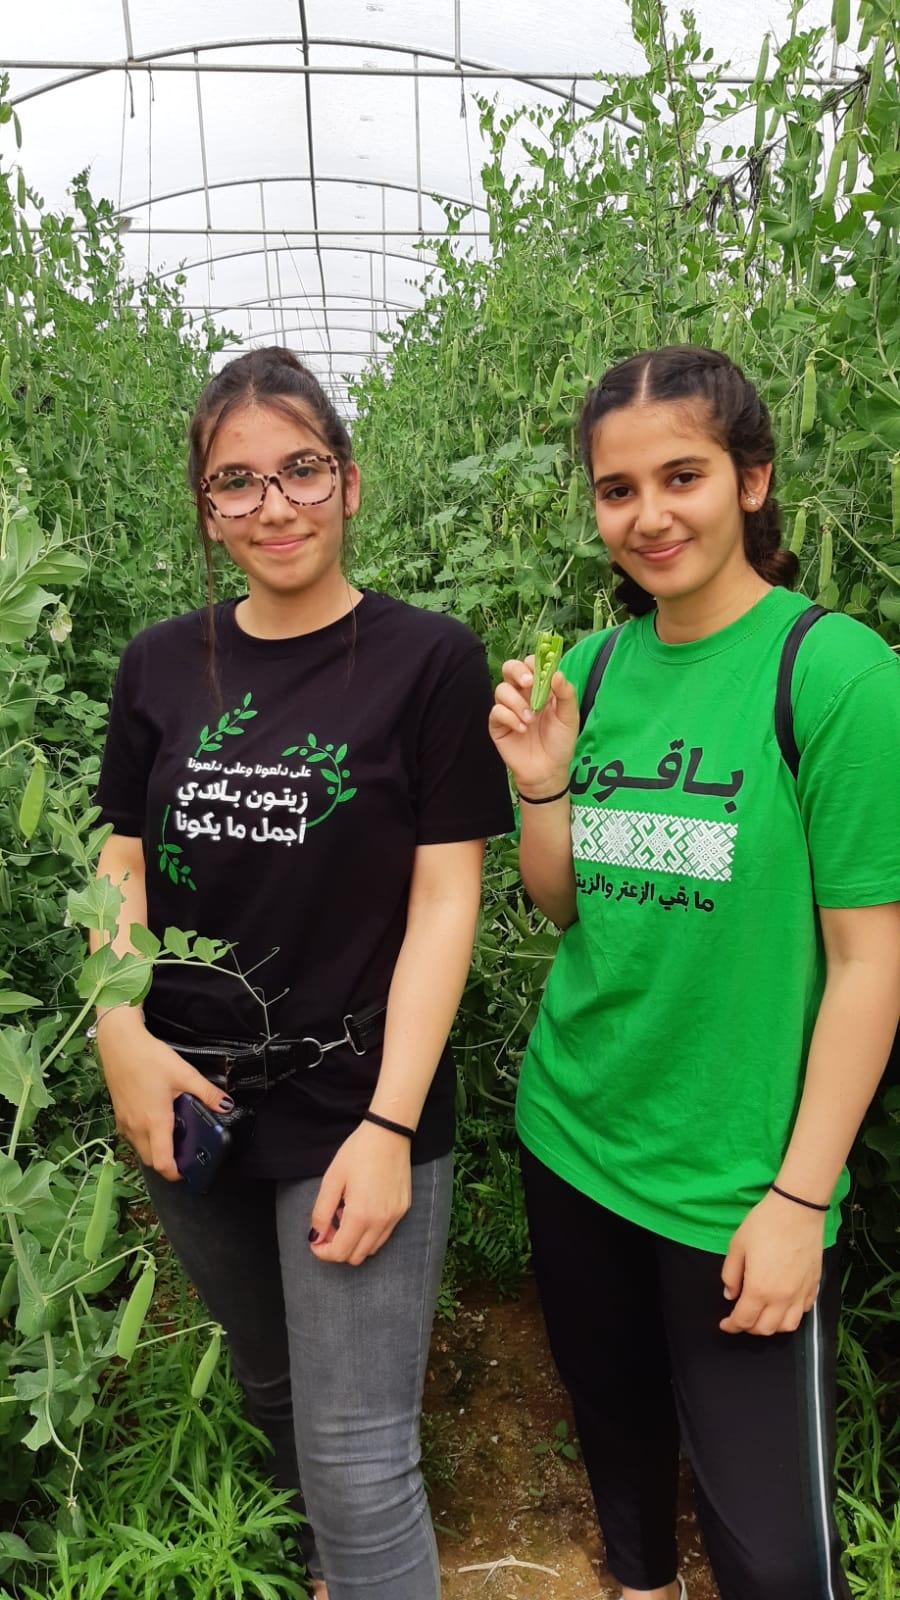 نساء وأطفال من الناصرة وعيلوط والجلمة يتواصلون مع الأرض والطبيعة